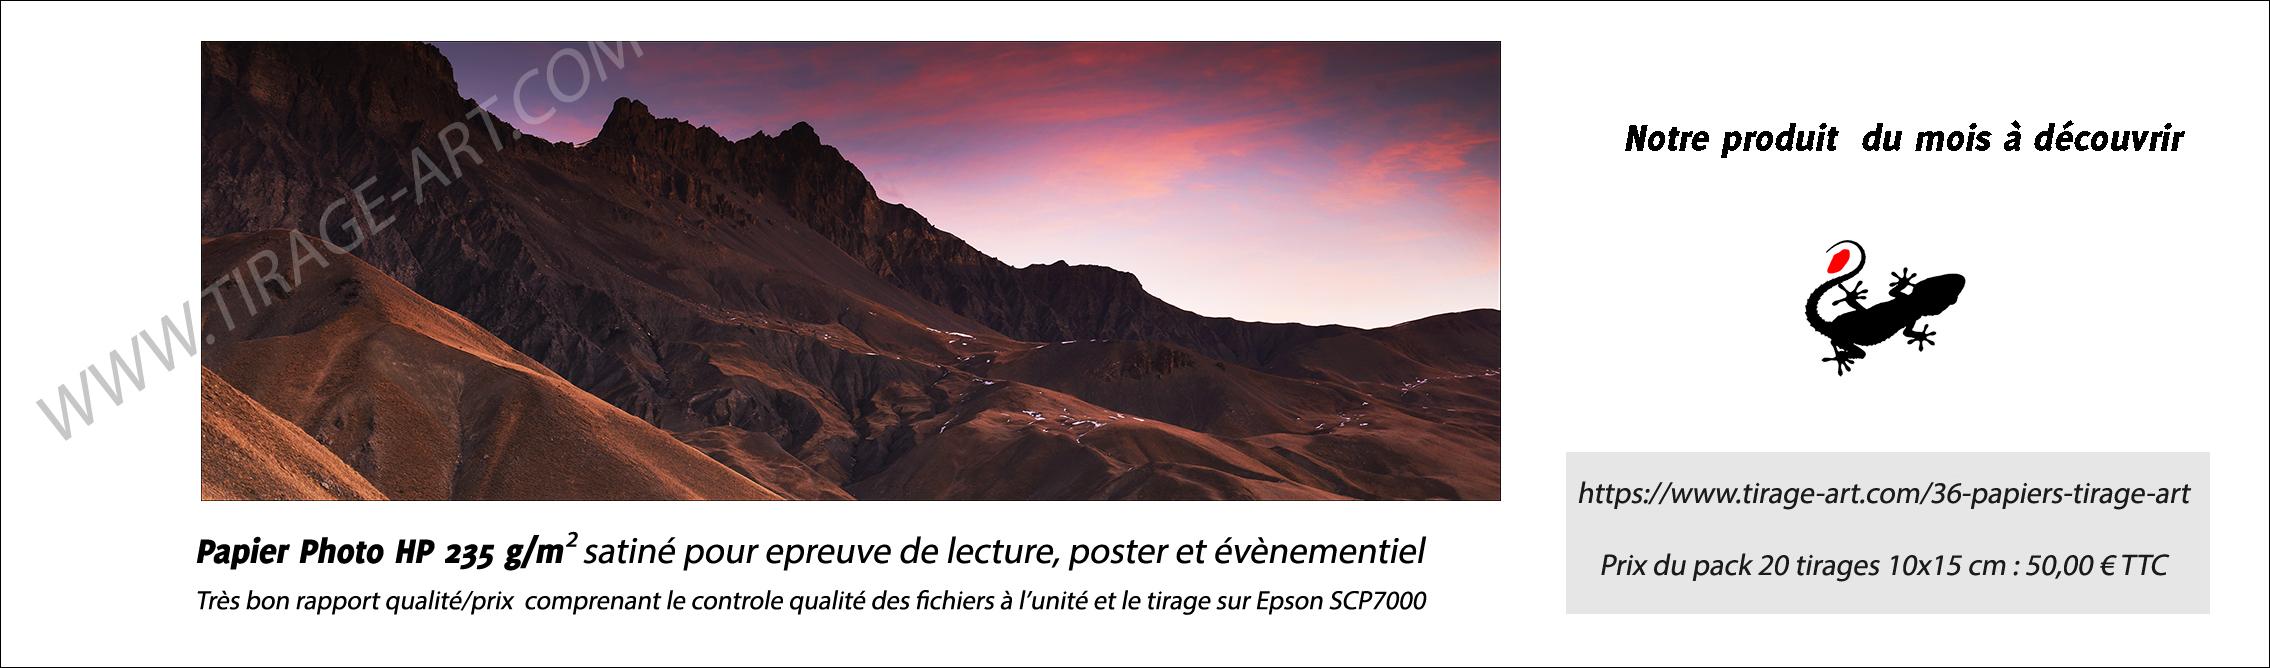 Papier photo HP 235 g/m²